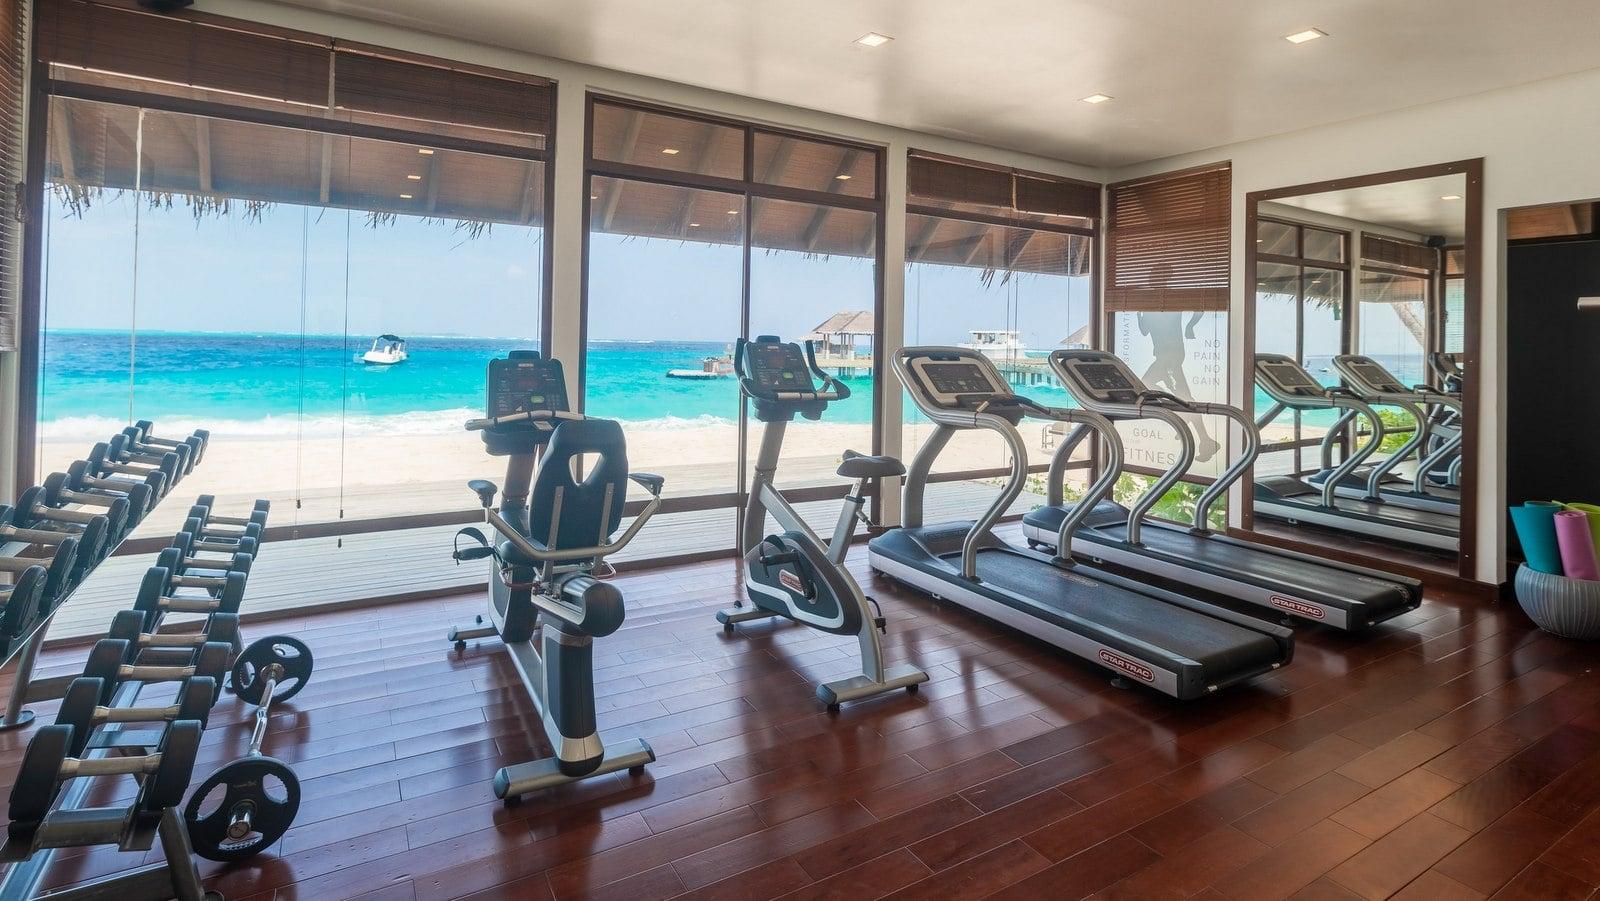 Мальдивы, отель Fushifaru Maldives, фитнес центр